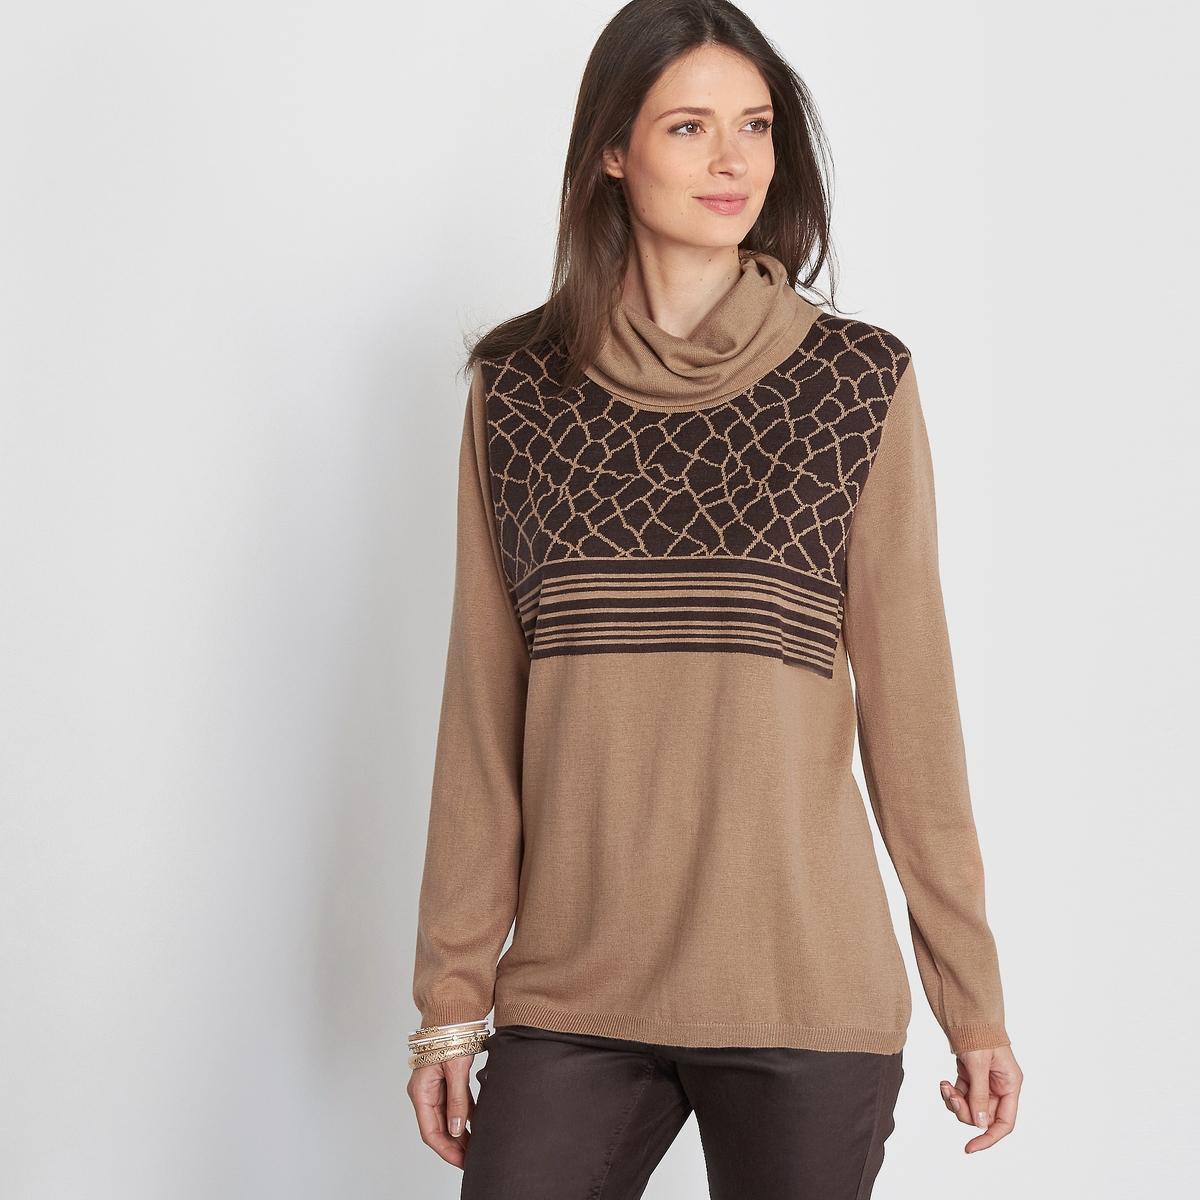 Пуловер, круглый вырез, 10% шерсти